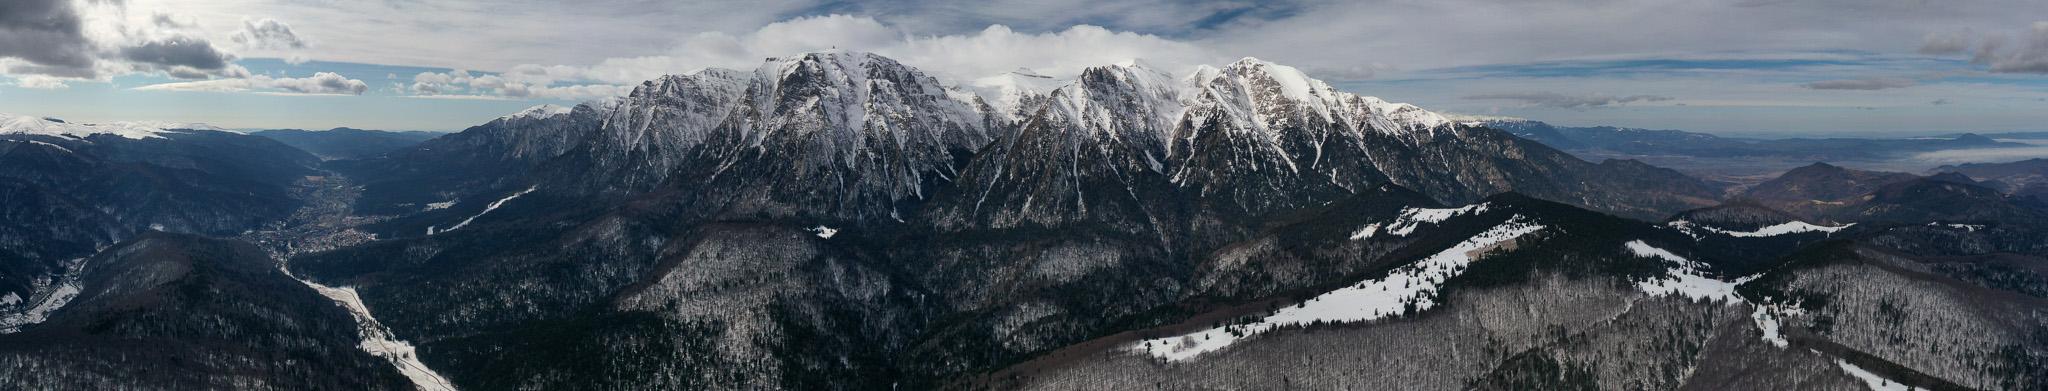 Munții Bucegi, iarna, panoramic Valea Prahovei